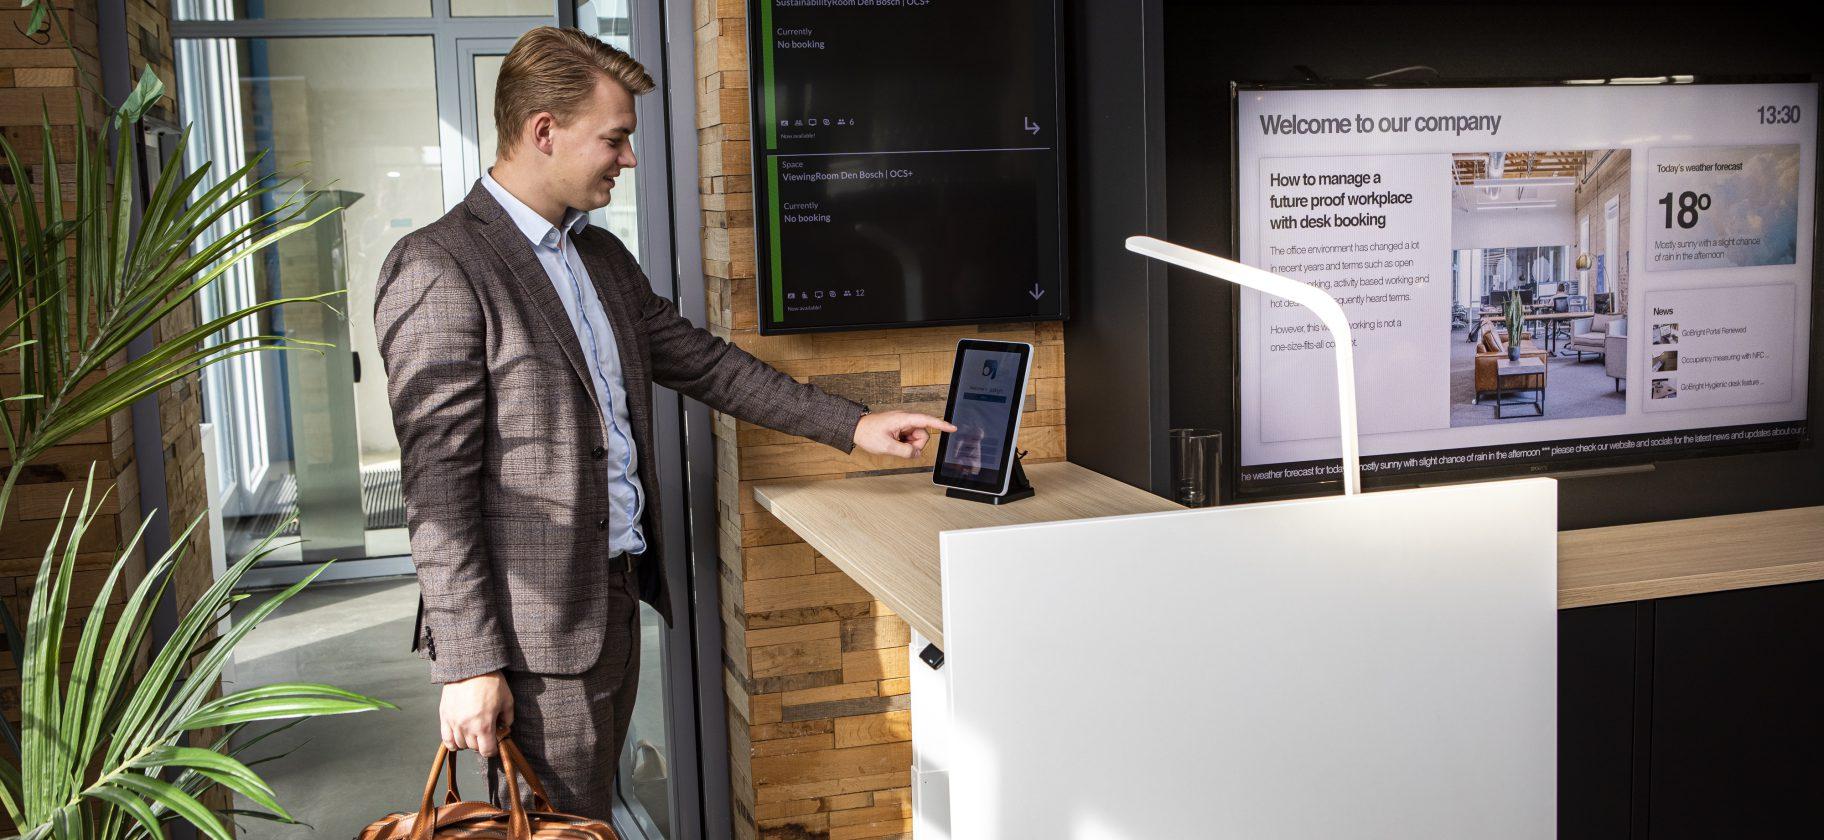 GoBright Visit - digital reception - visitor registration - visitor management